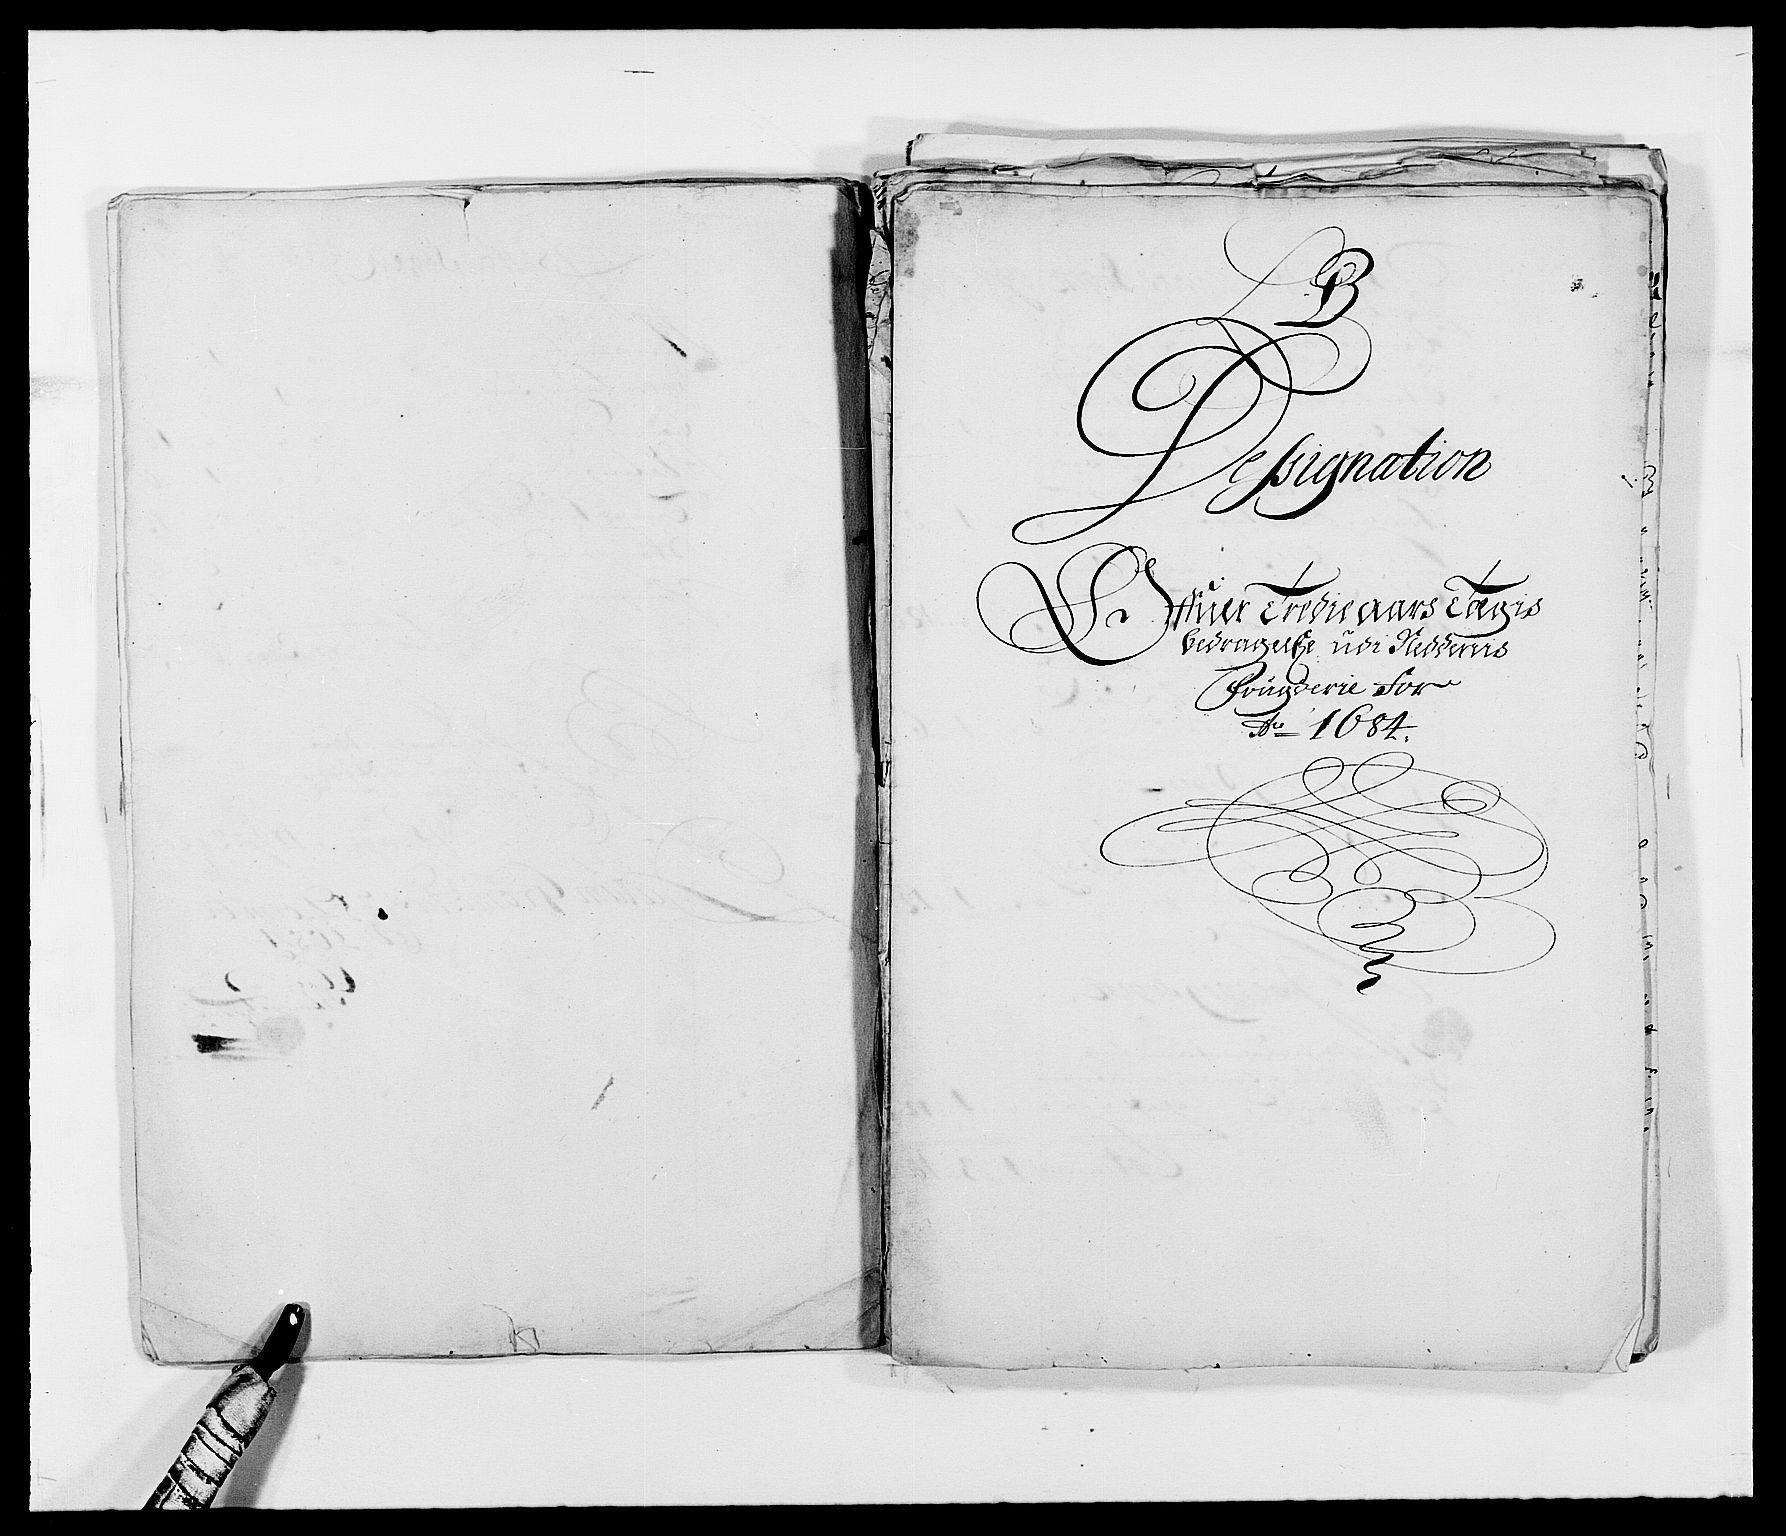 RA, Rentekammeret inntil 1814, Reviderte regnskaper, Fogderegnskap, R39/L2308: Fogderegnskap Nedenes, 1684-1689, s. 12